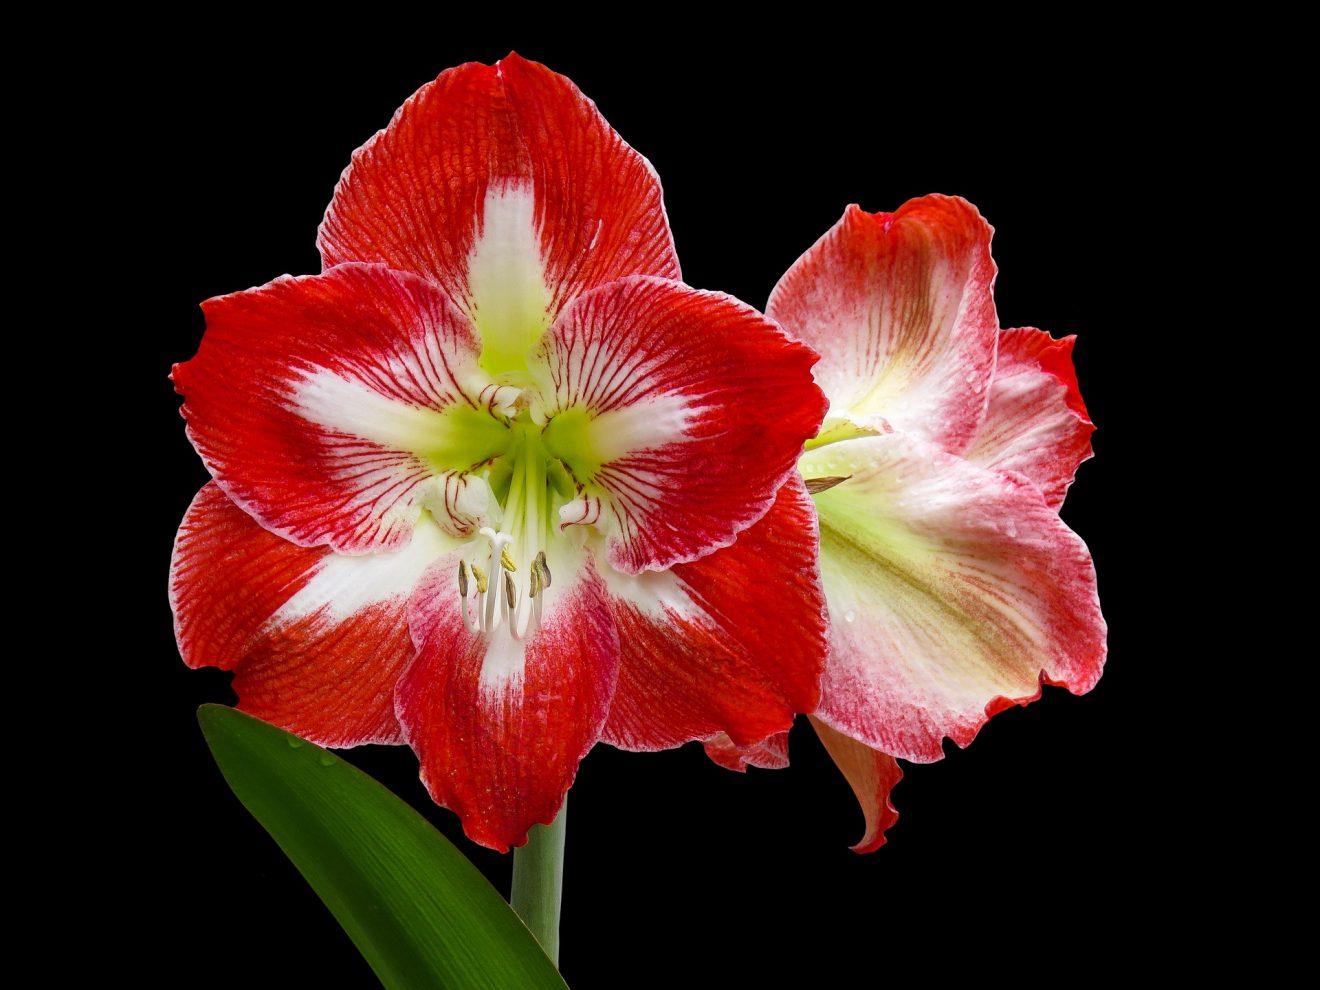 flower-3254335_1920